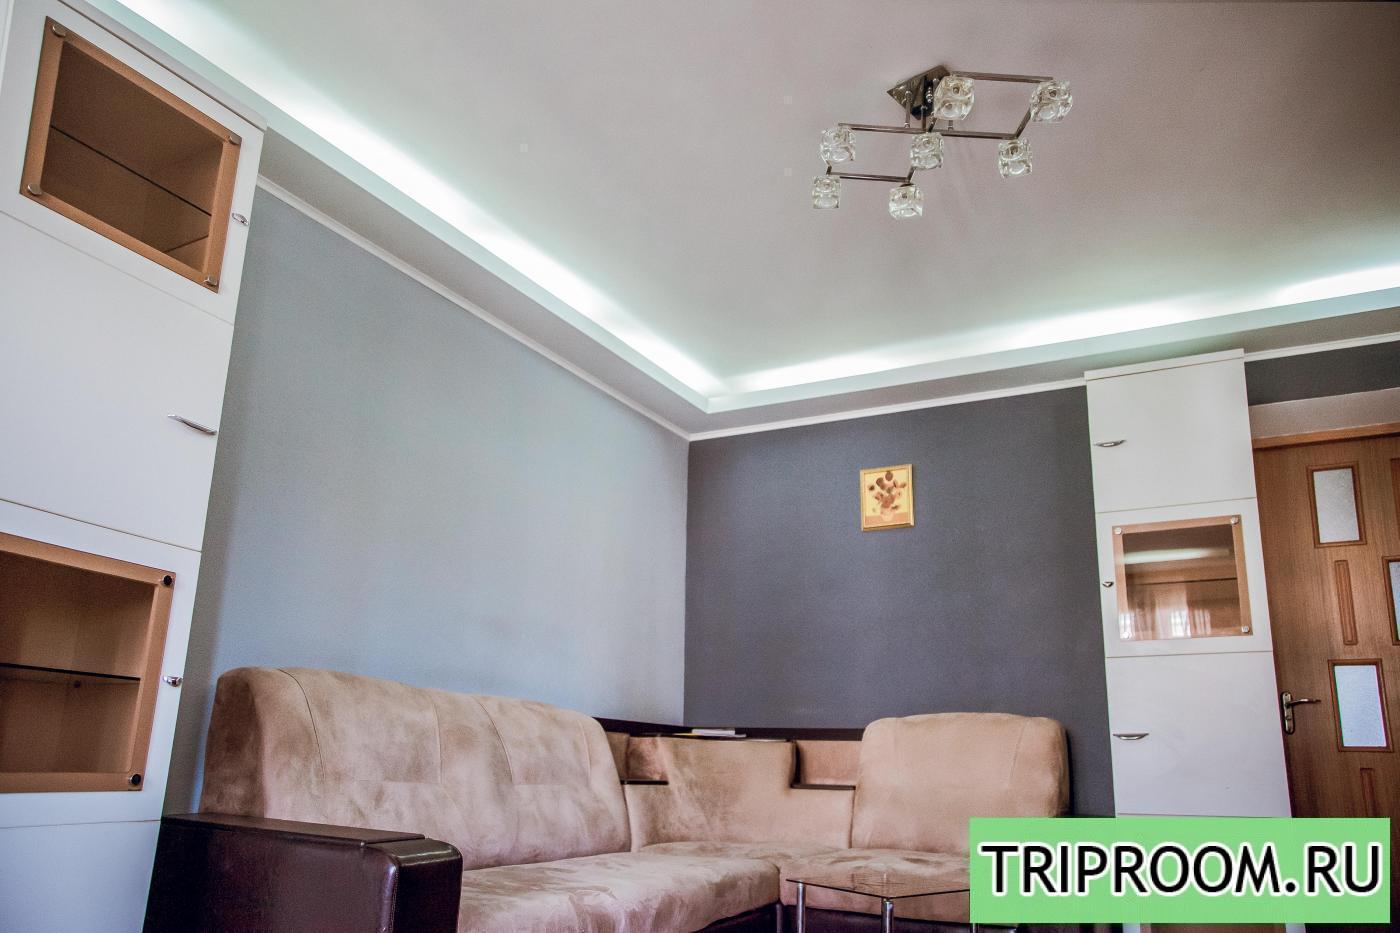 2-комнатная квартира посуточно (вариант № 10786), ул. Станкевича улица, фото № 2